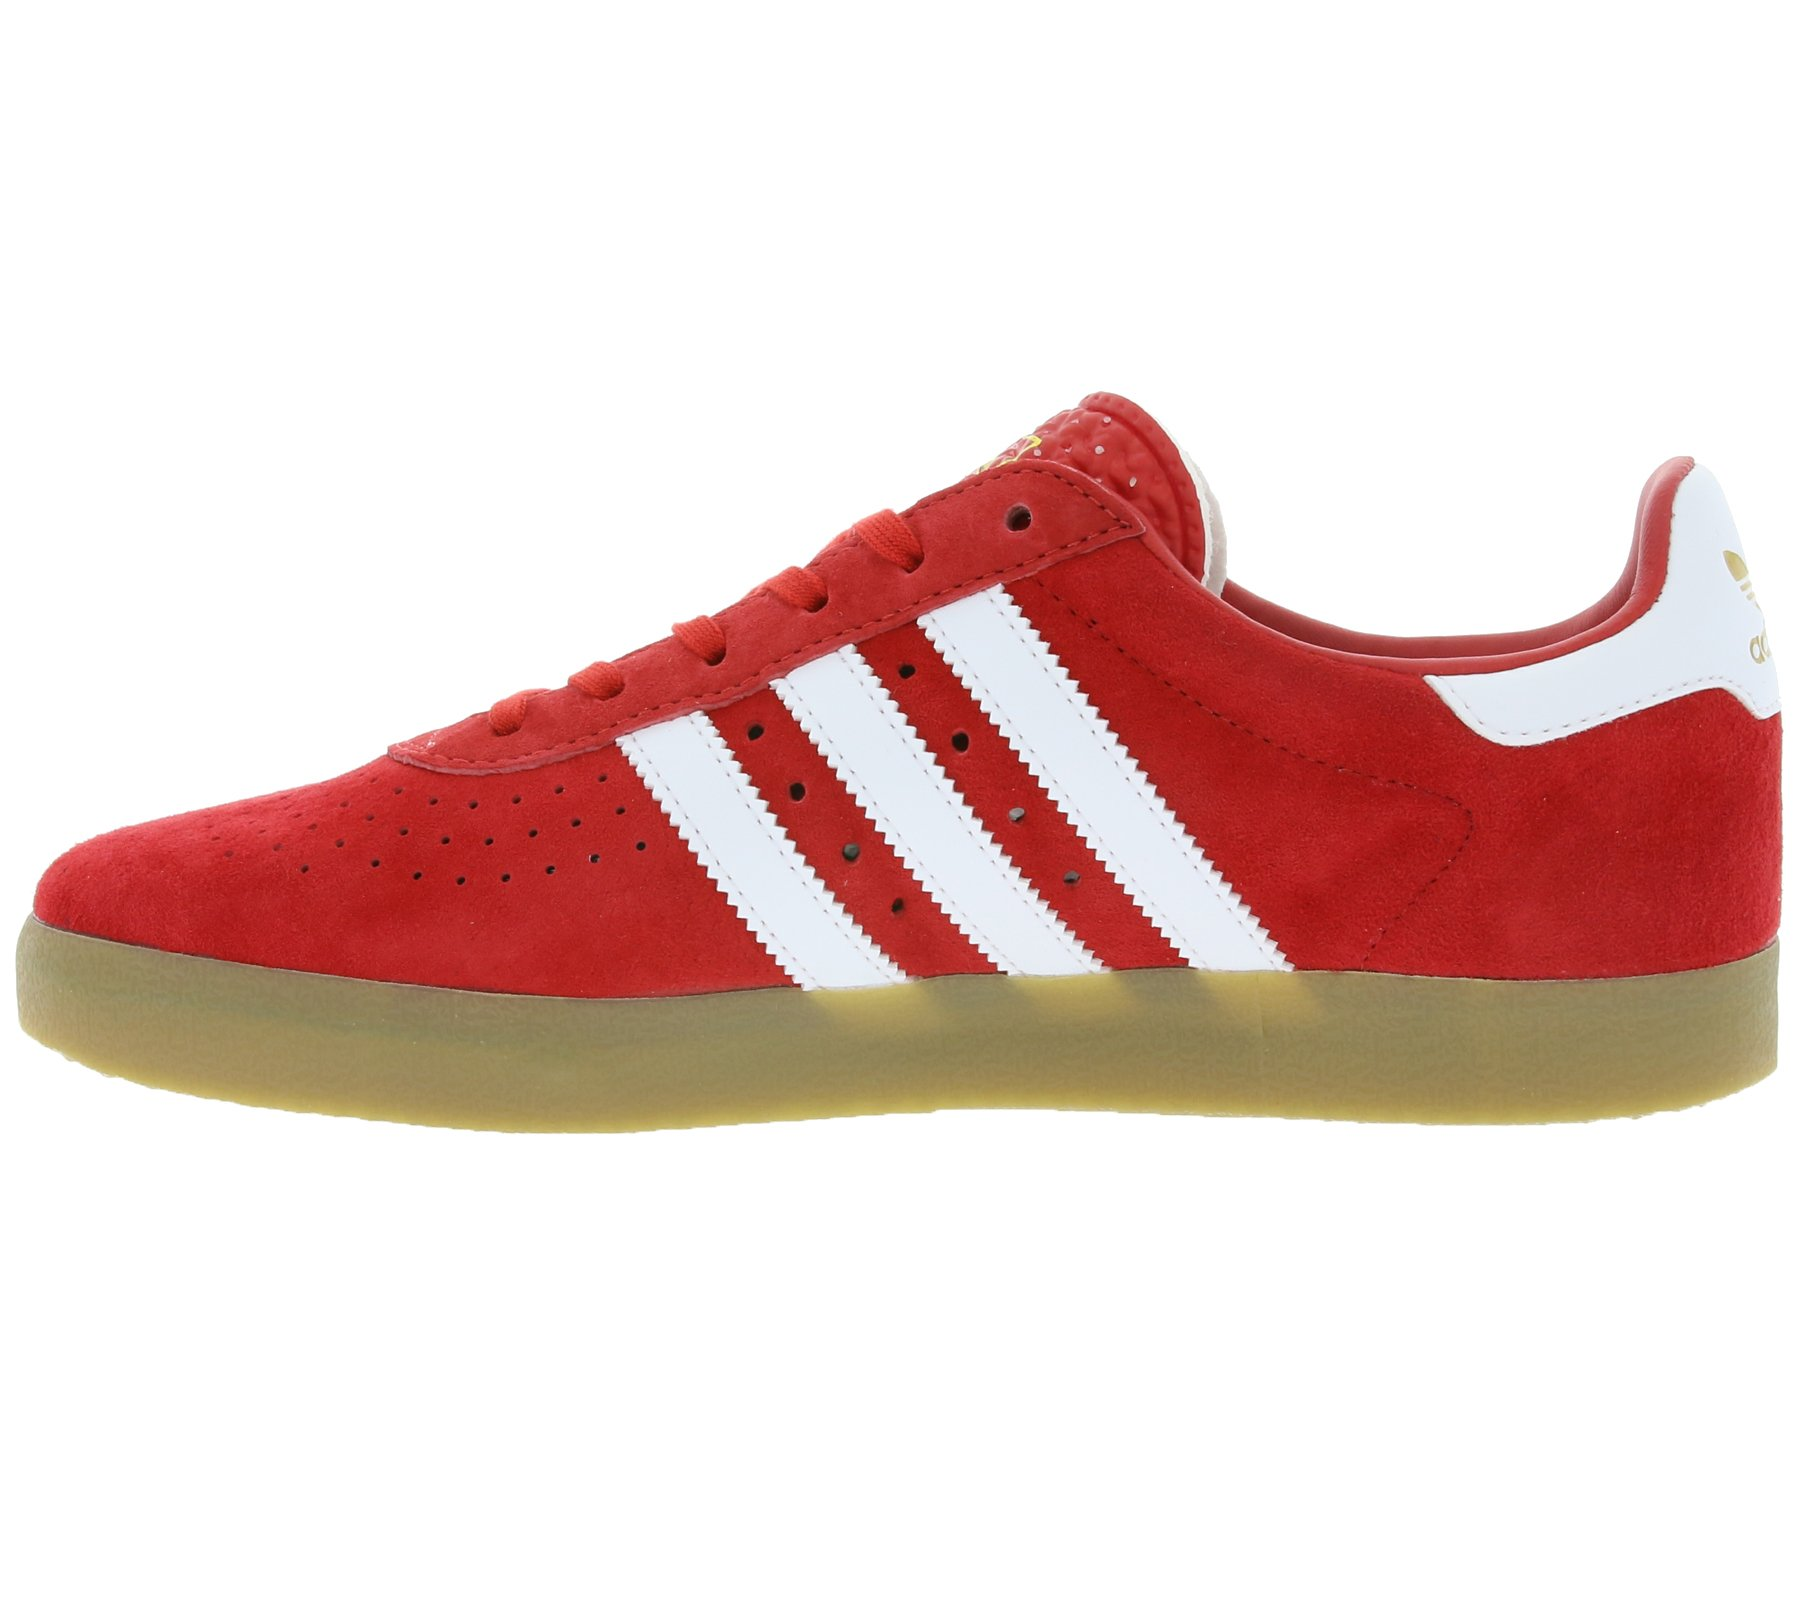 adidas 350 Schuhe 115 scarlet/white